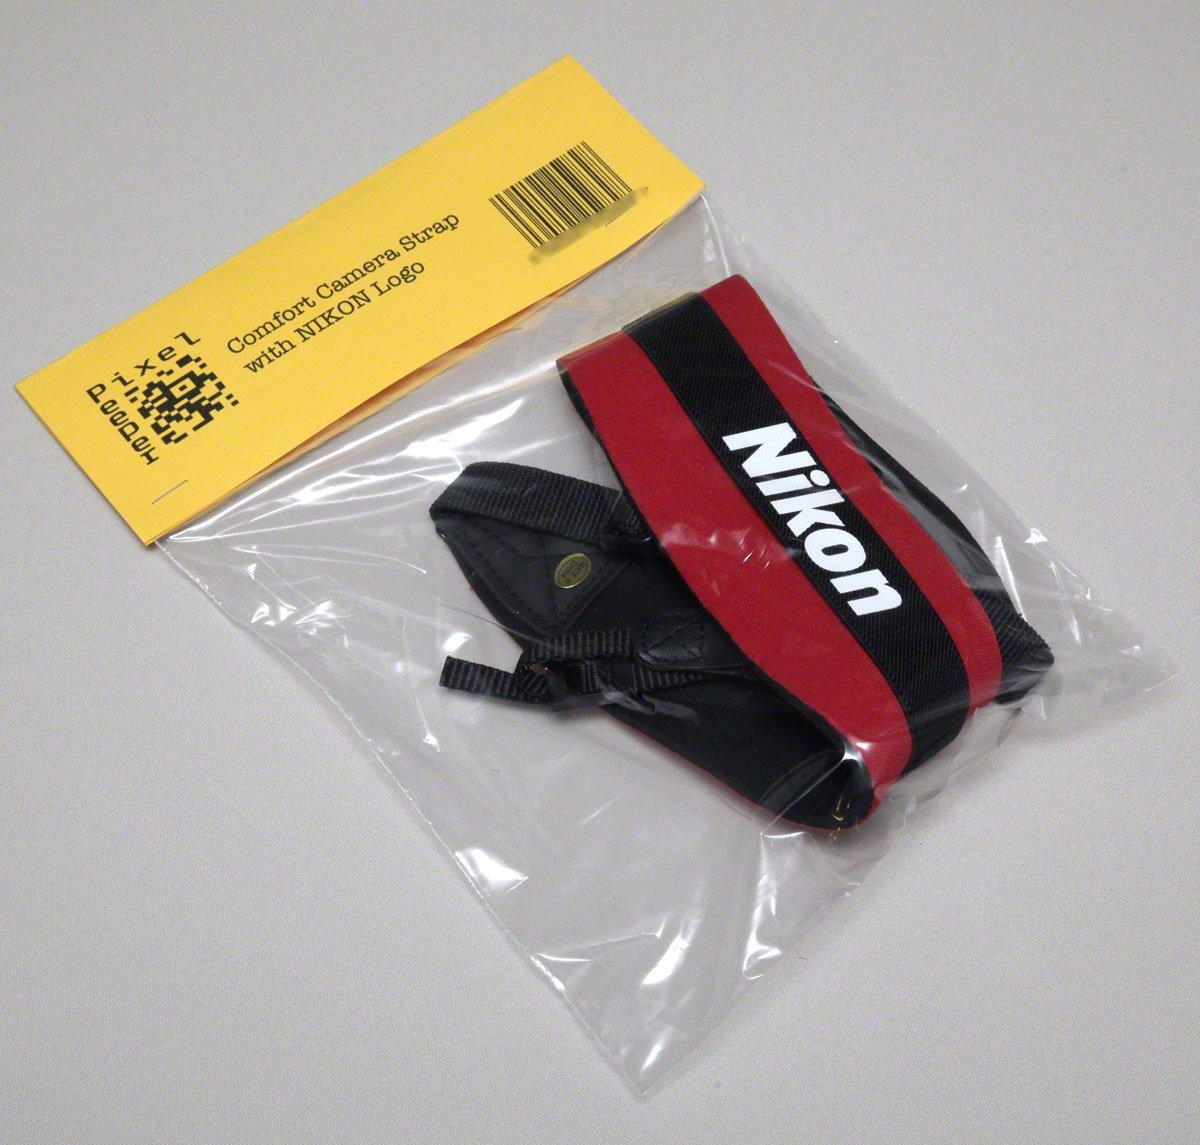 Pixel Peeper Courroie en n/éopr/ène tr/ès confortable de taille r/églable avec logo Nikon pour appareils photo Reflex et grands appareils compacts